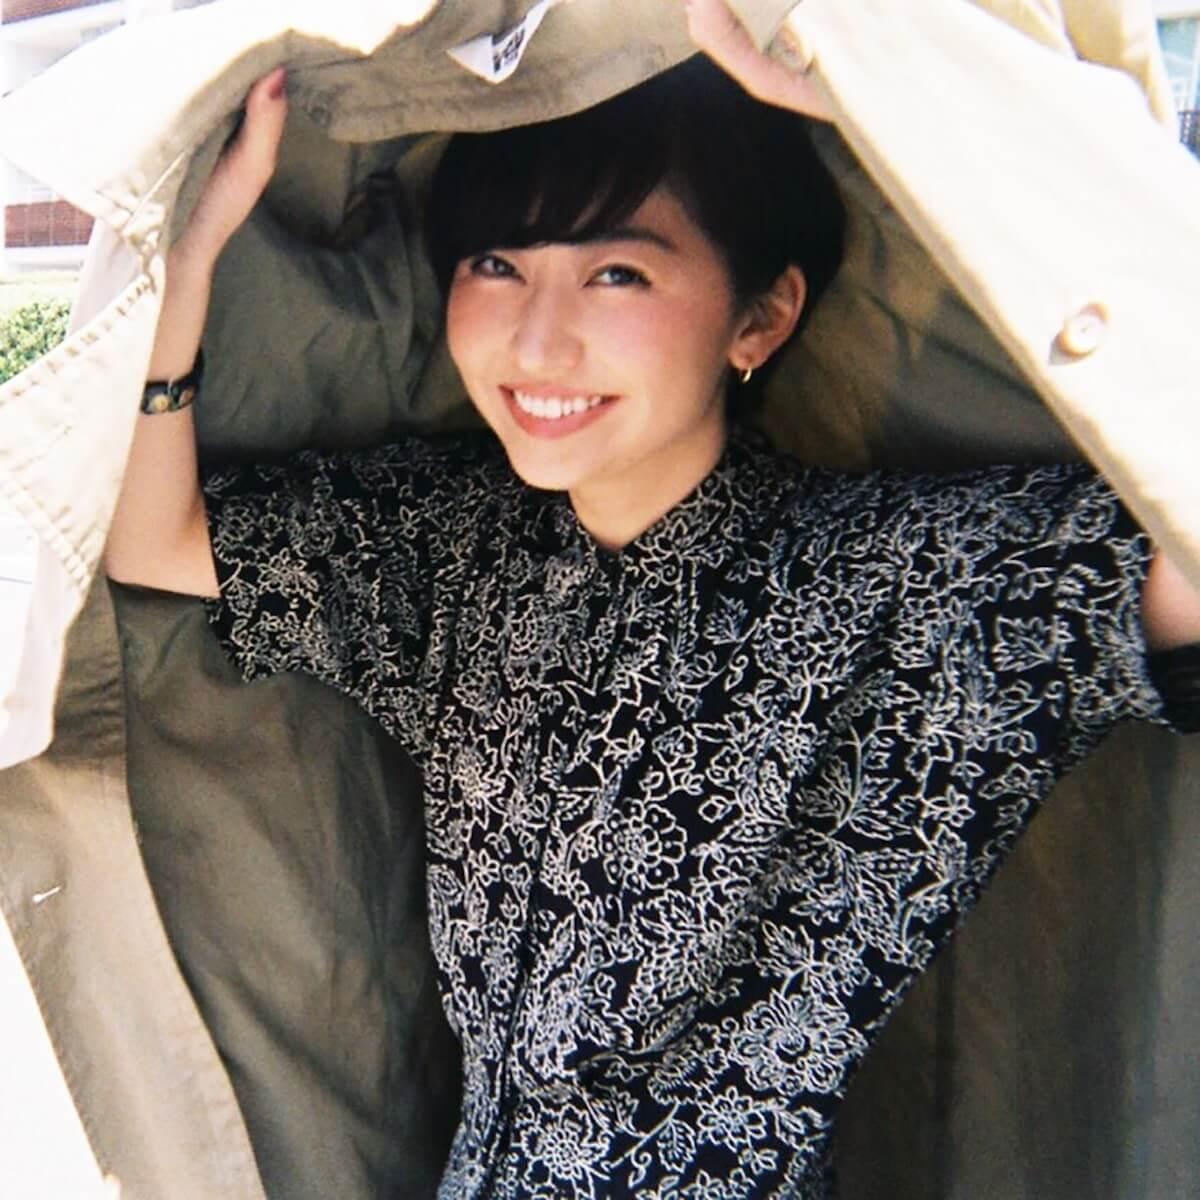 注目のネオ・アーバン系イベント『escape』が渋谷WWWにて開催 music190115-escape-3